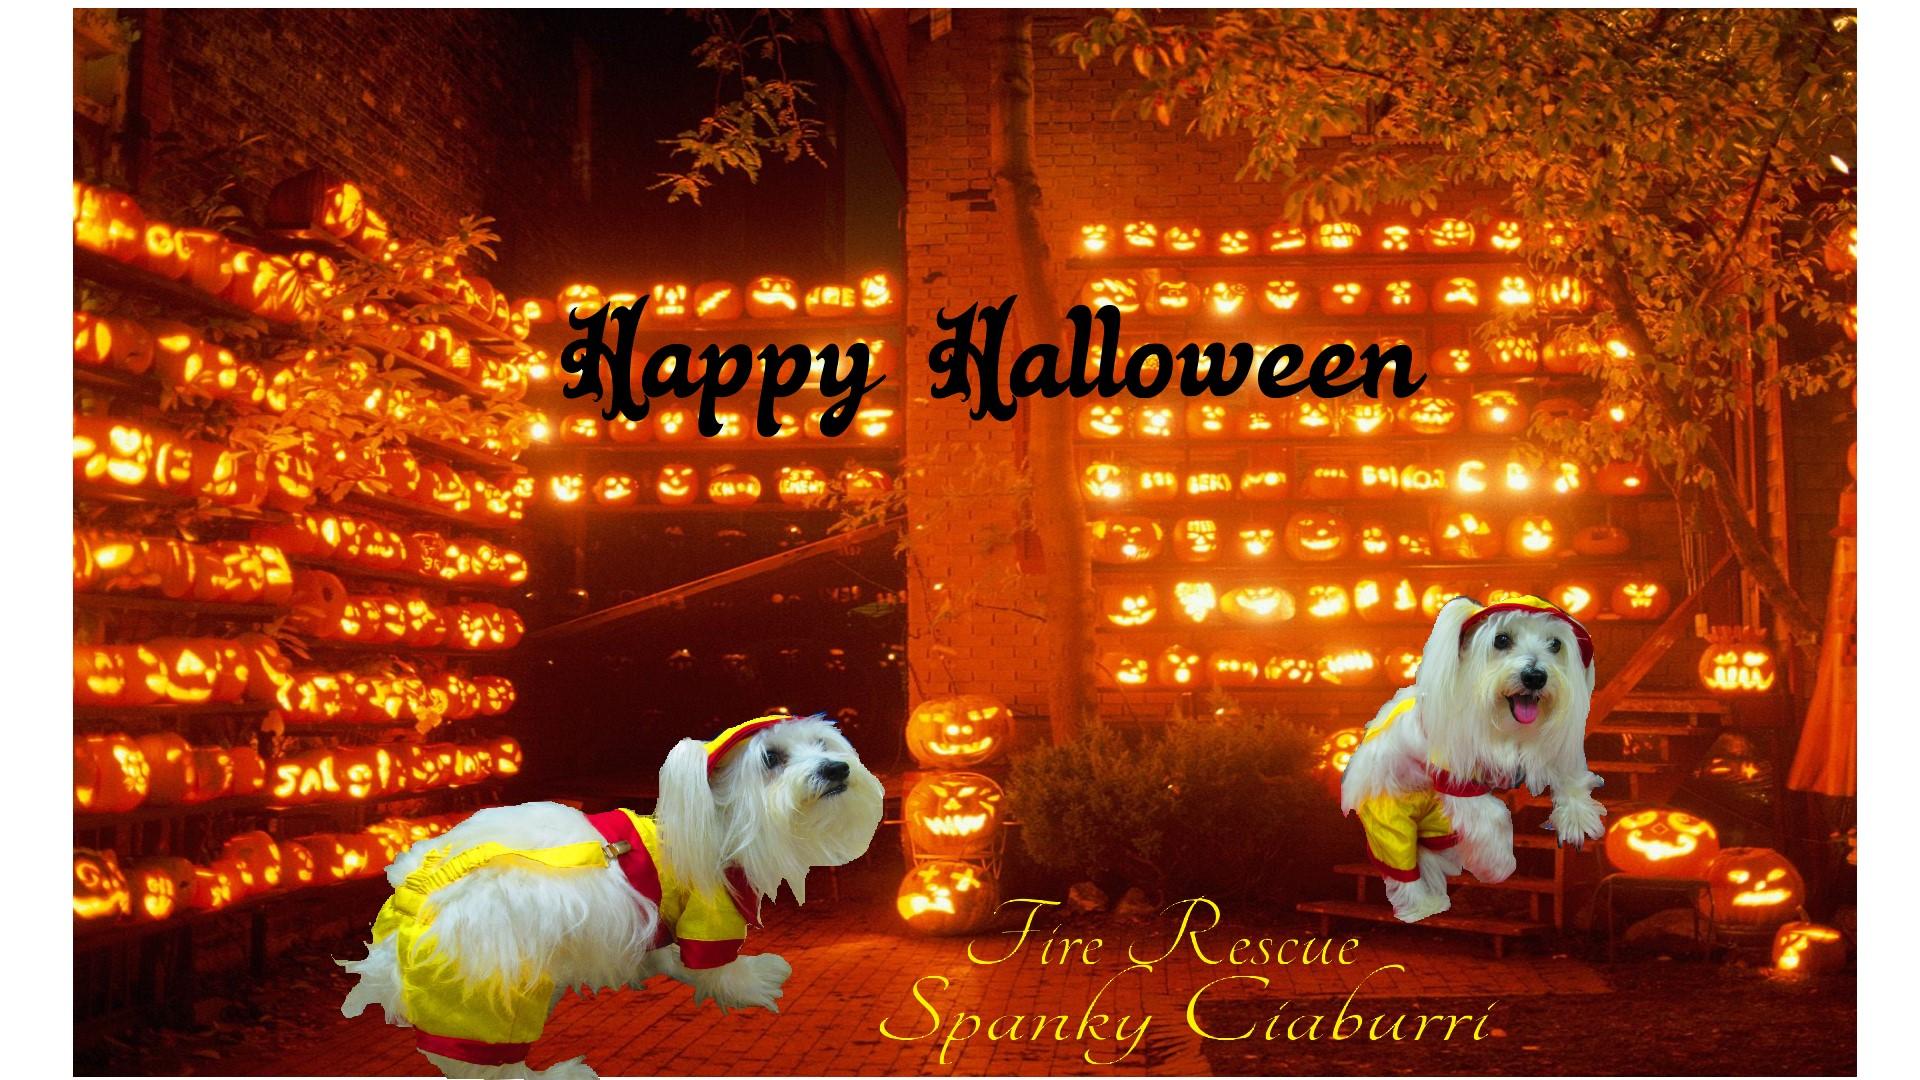 Spanky Halloween Contest 2014